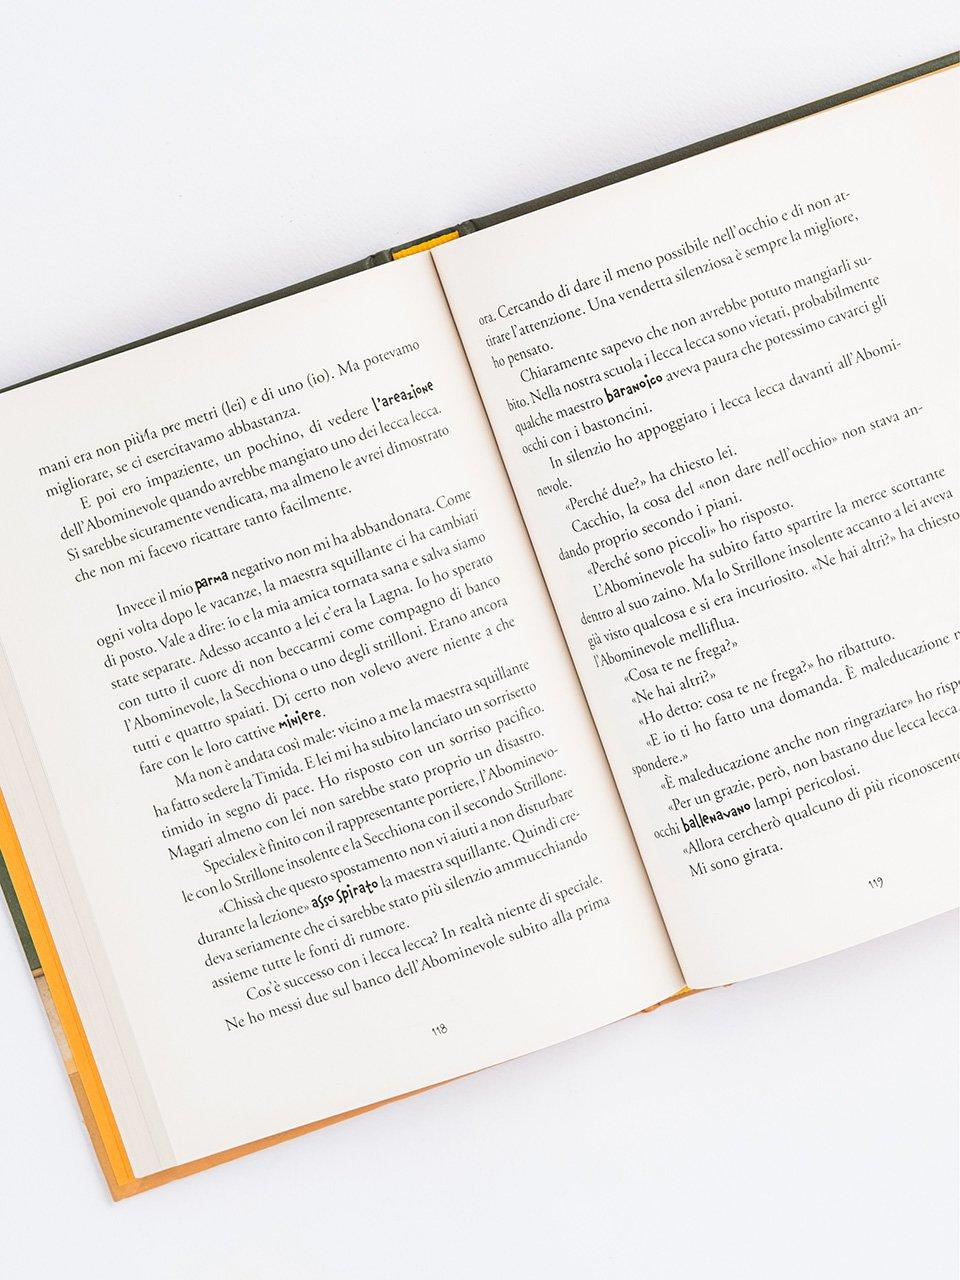 Mira Kurz capelli rosso cuoco - Libri - Erickson 2